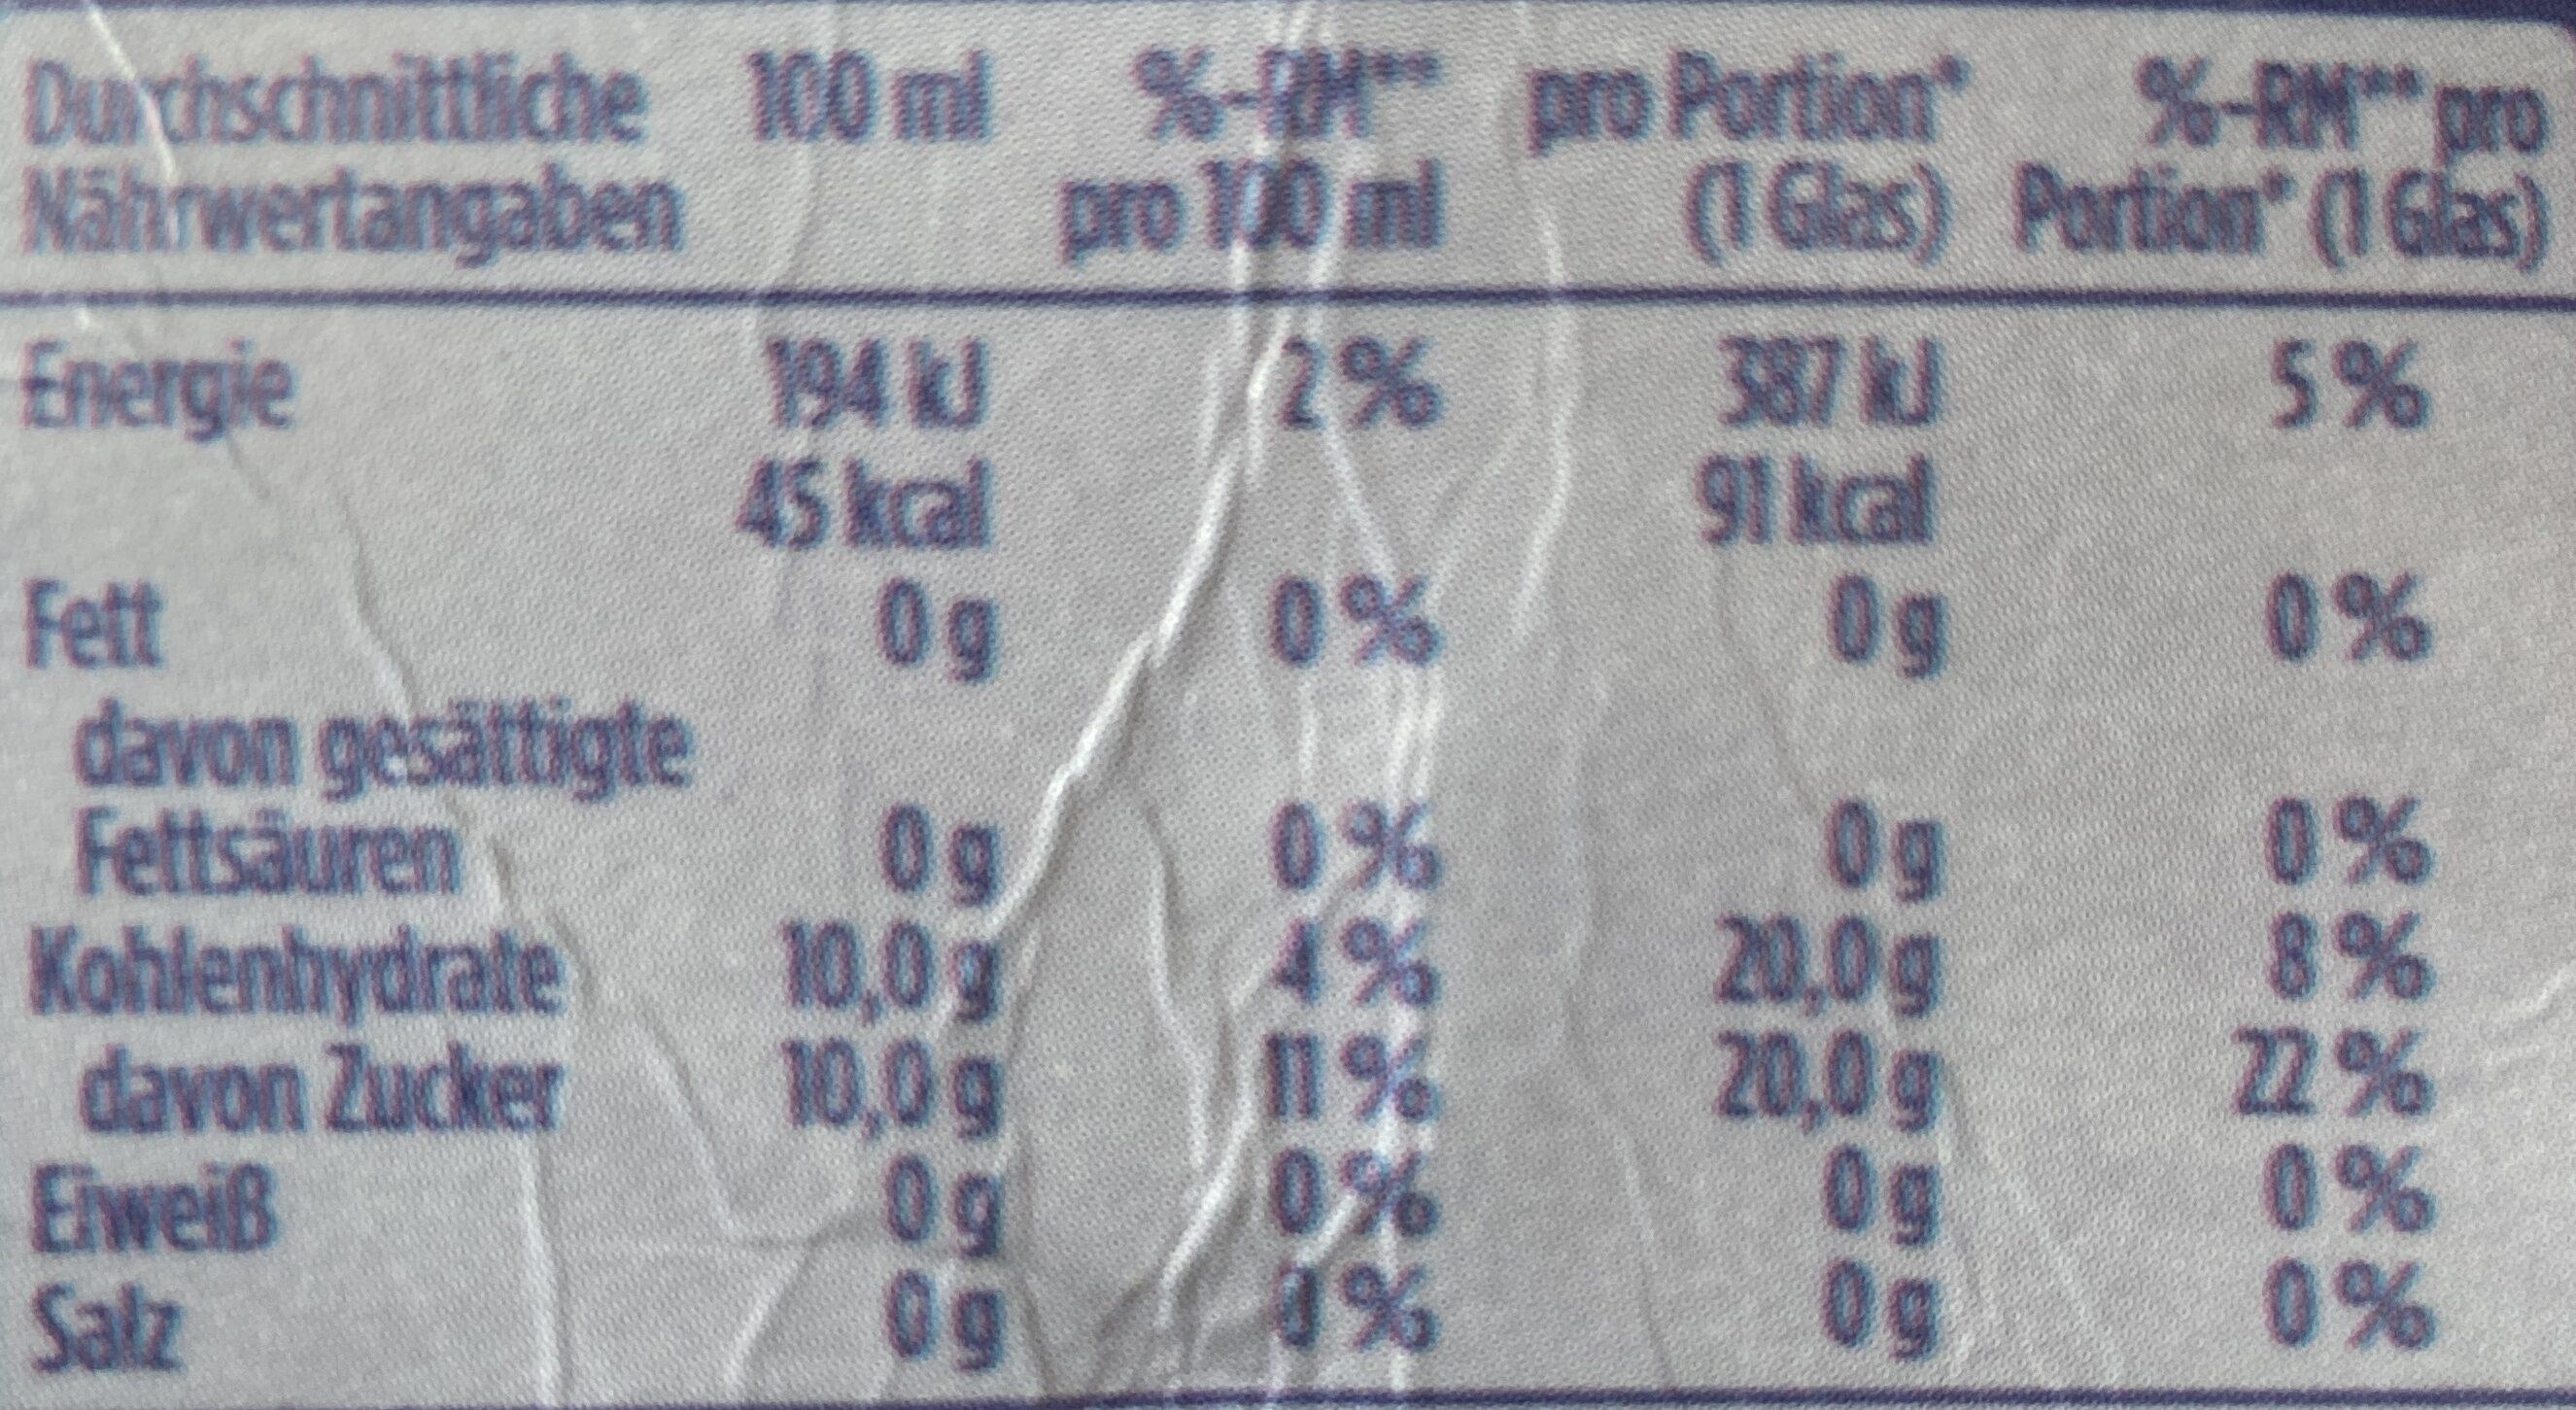 Schwarze Johannisbeere Nektar - Valori nutrizionali - de